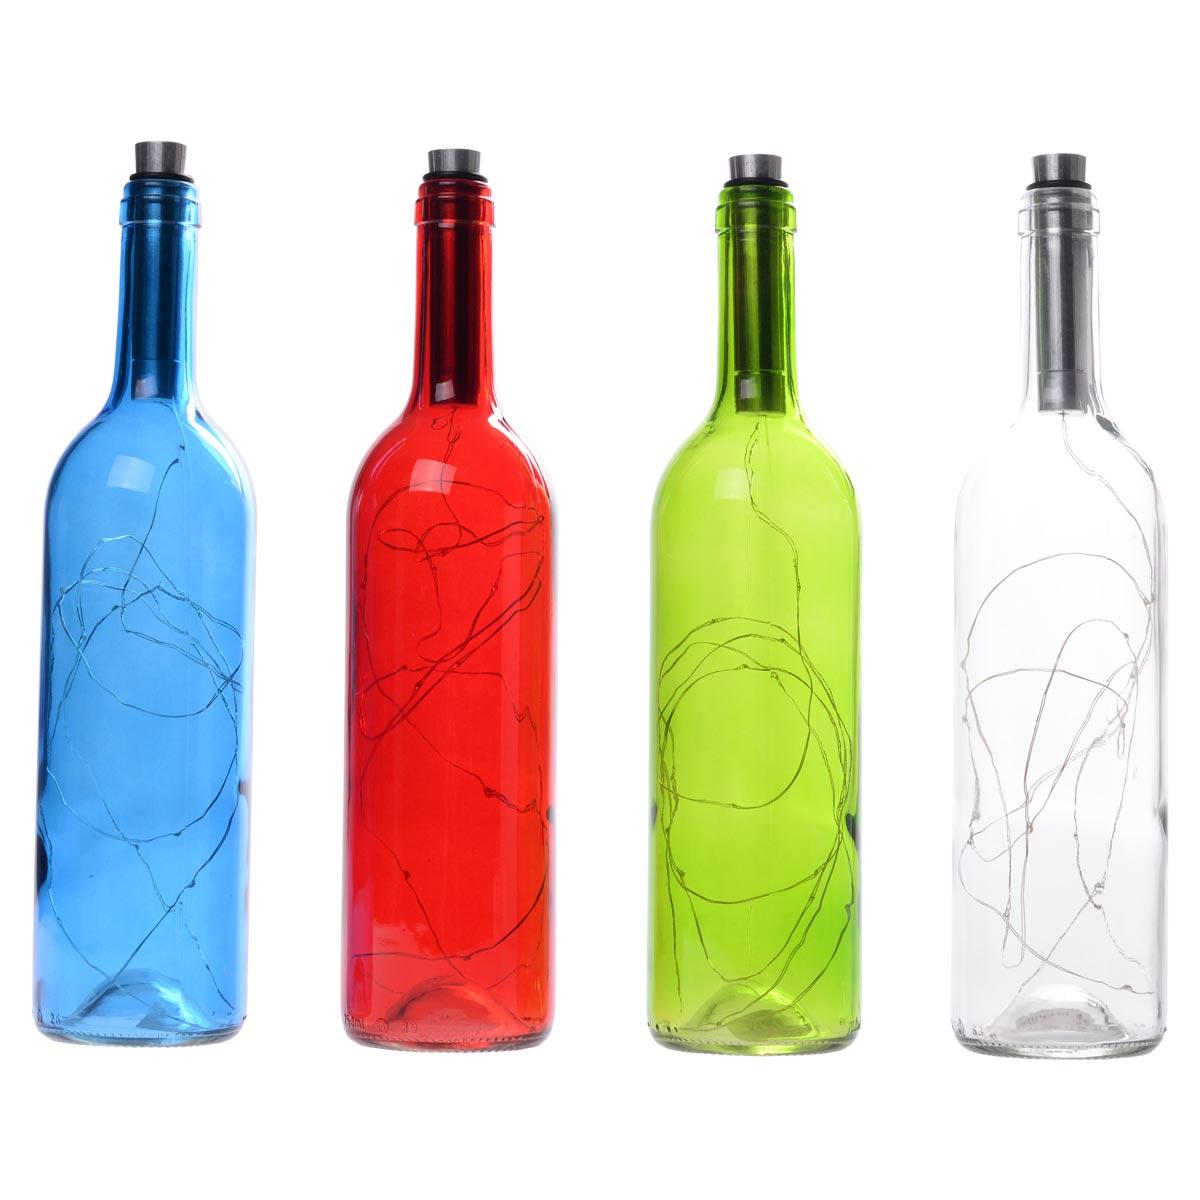 Διακοσμητικό φωτιστικό σε μπουκάλι κρασιού με LED φωτισμό - Κόκκινο - OEM 52261